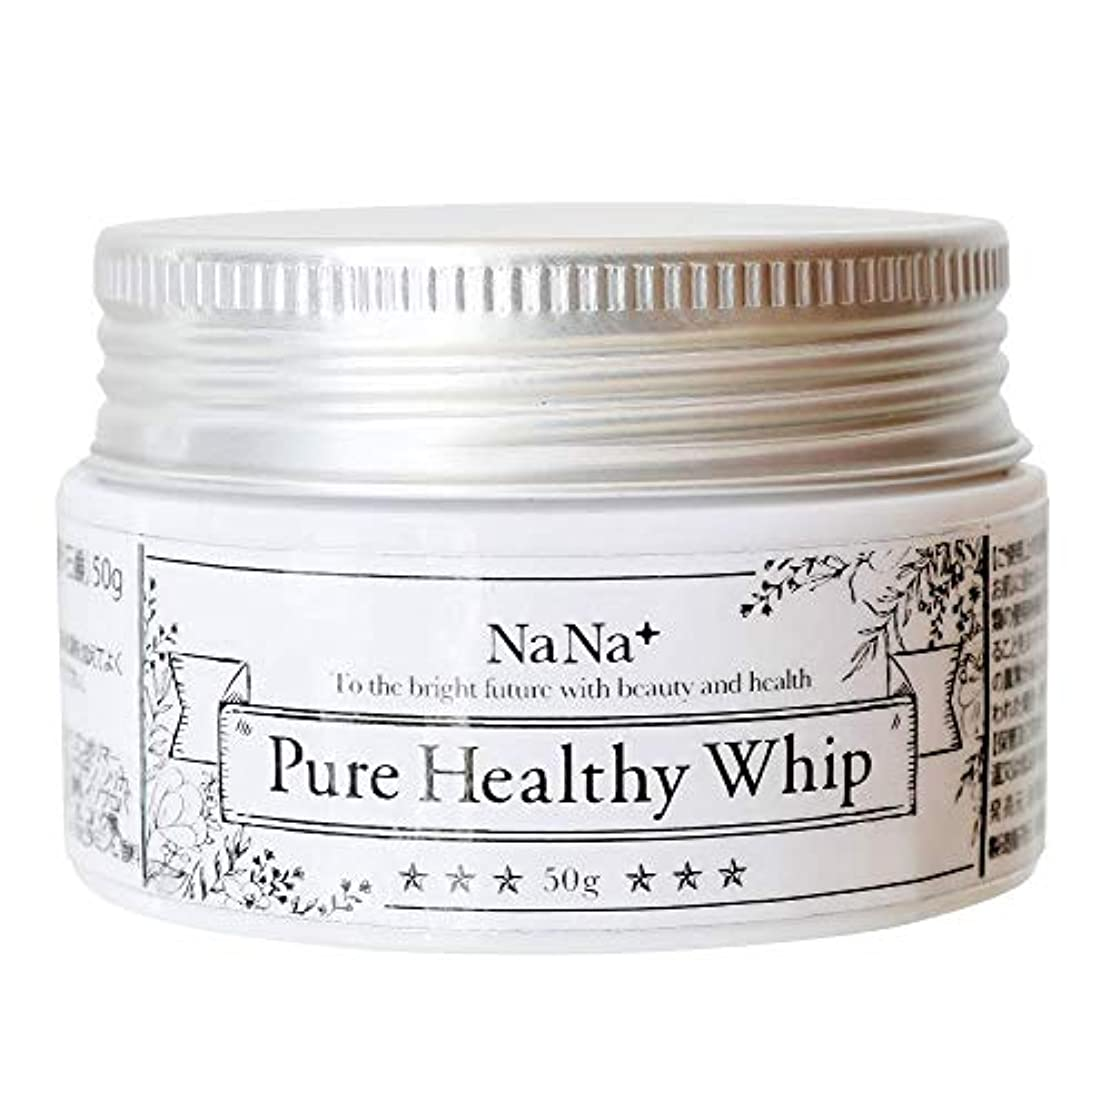 二層繊細突撃洗顔 生せっけん 敏感肌 乾燥肌 の 毛穴 くすみ 黒ずみ ケア 肌に優しい無添加  nana+ピュアヘルシーホイップ